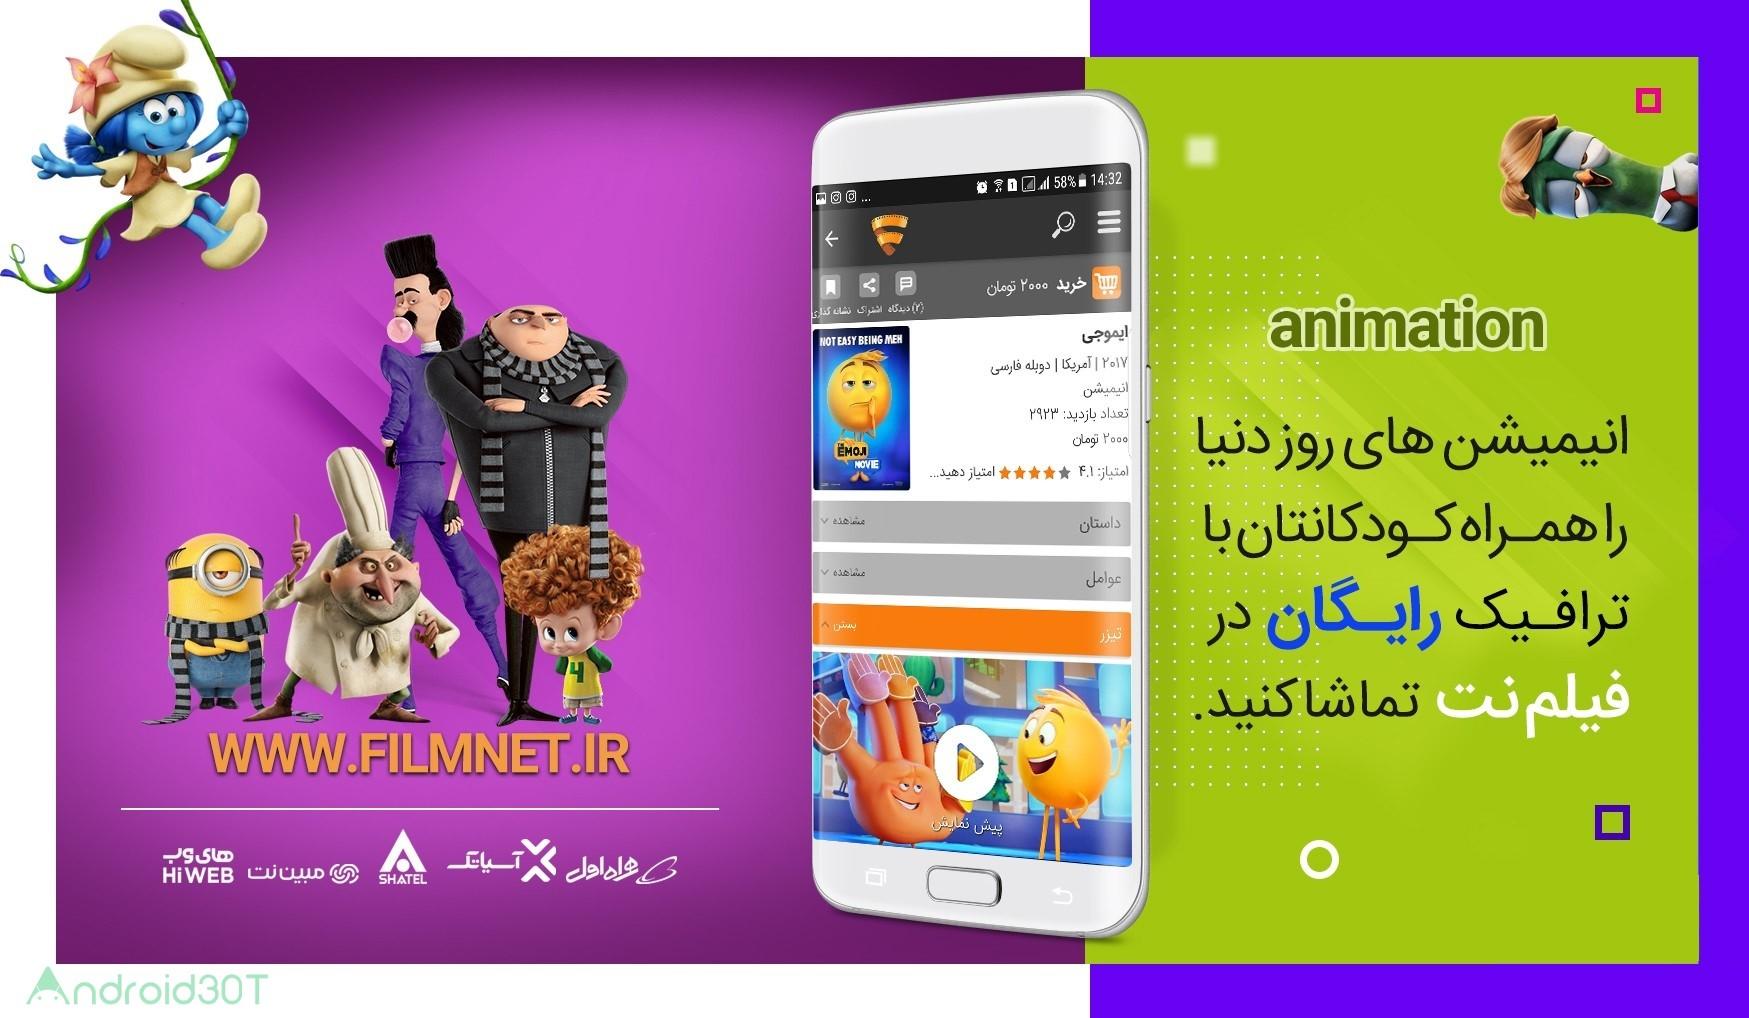 دانلود 4.0.1 Filmnet – اپلیکیشن دانلود فیلم و سریال، فیلم نت برای اندروید